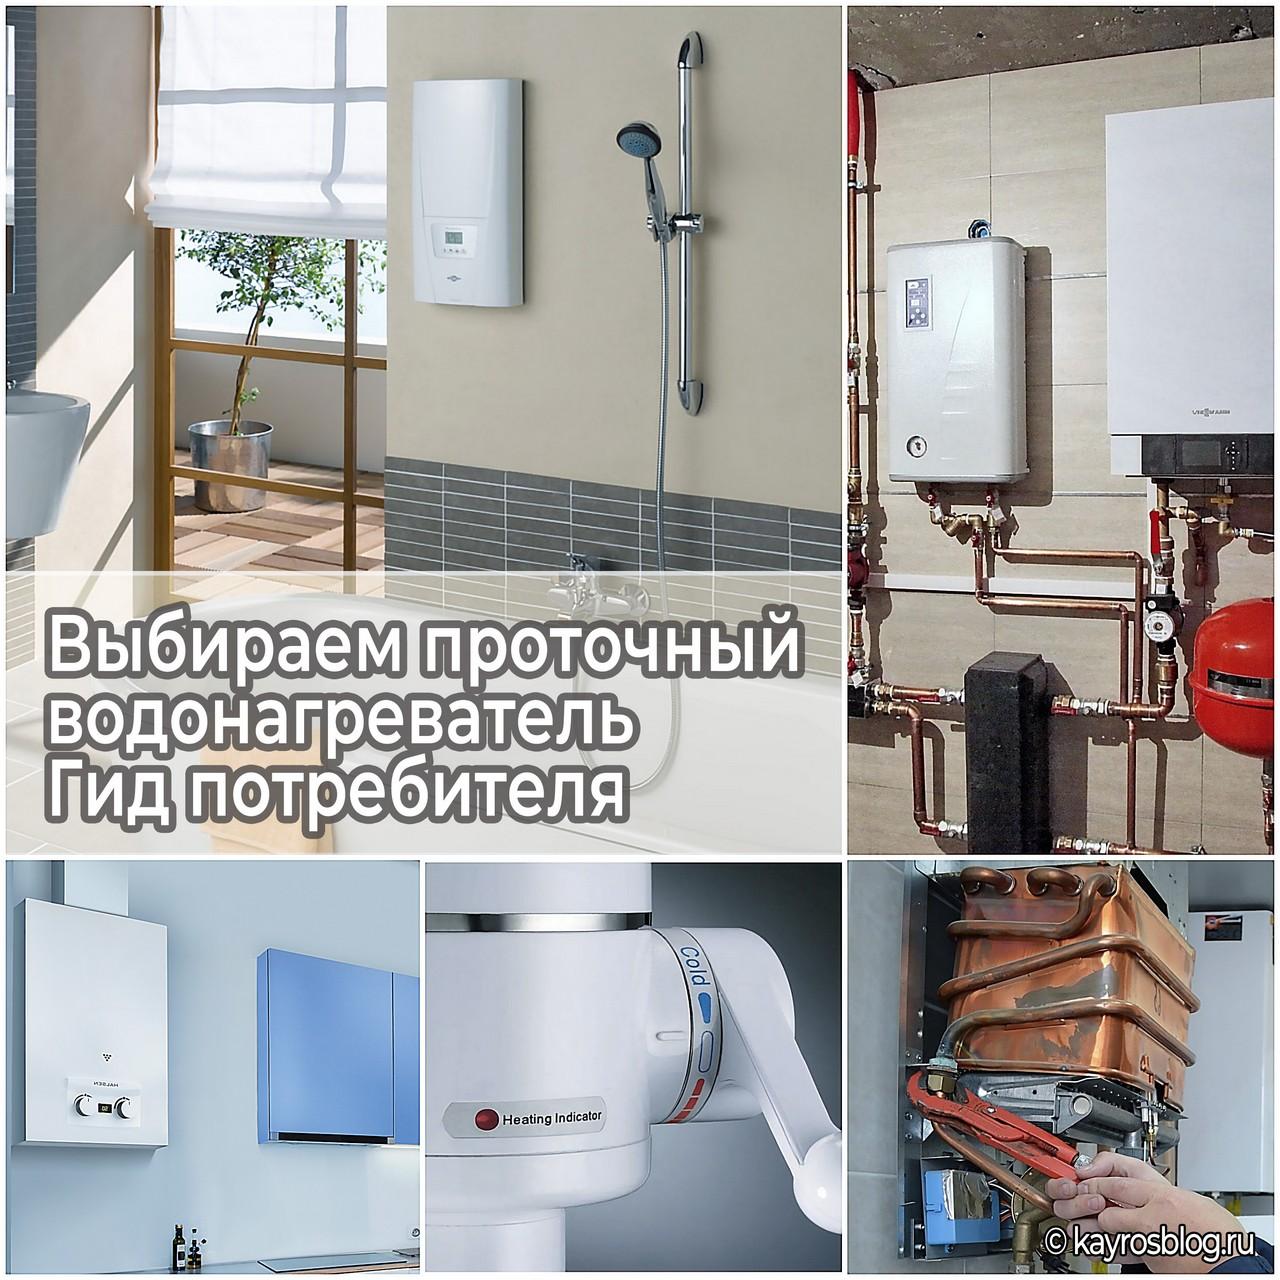 Выбираем проточный водонагреватель грамотно - Гид потребителя